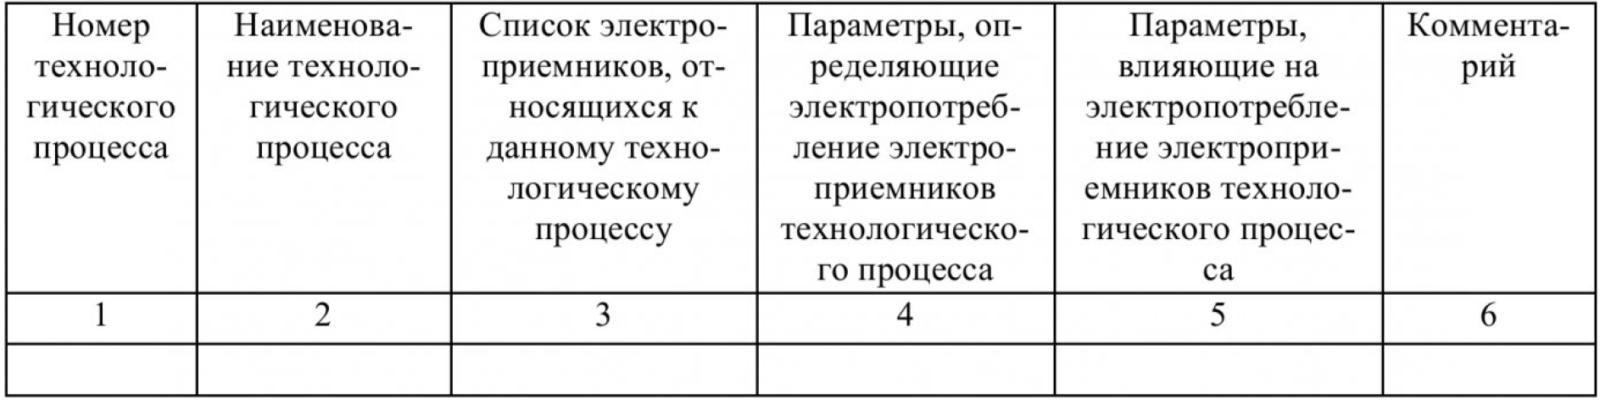 Определение параметров, влияющих на электропотребление промышленного предприятия, с помощью метода экспертных оценок 3